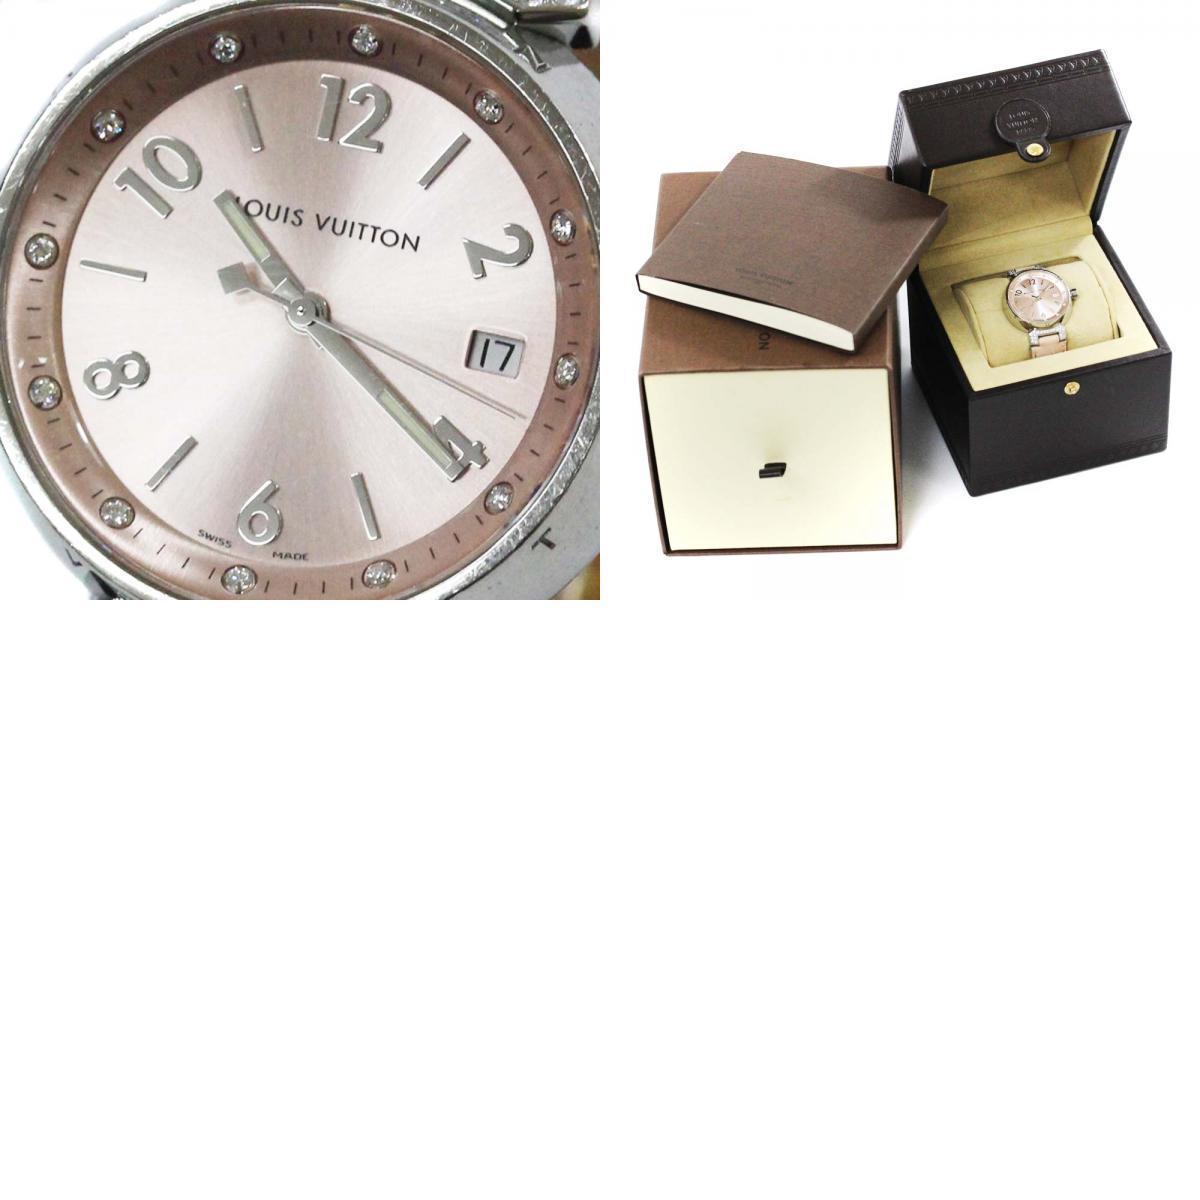 即決 ルイ ヴィトン タンブール ラグダイヤ 12Pダイヤ 腕時計 レディース クオーツ メタリックピンク文字盤 シルバー ピンク系 Q13MY_画像10